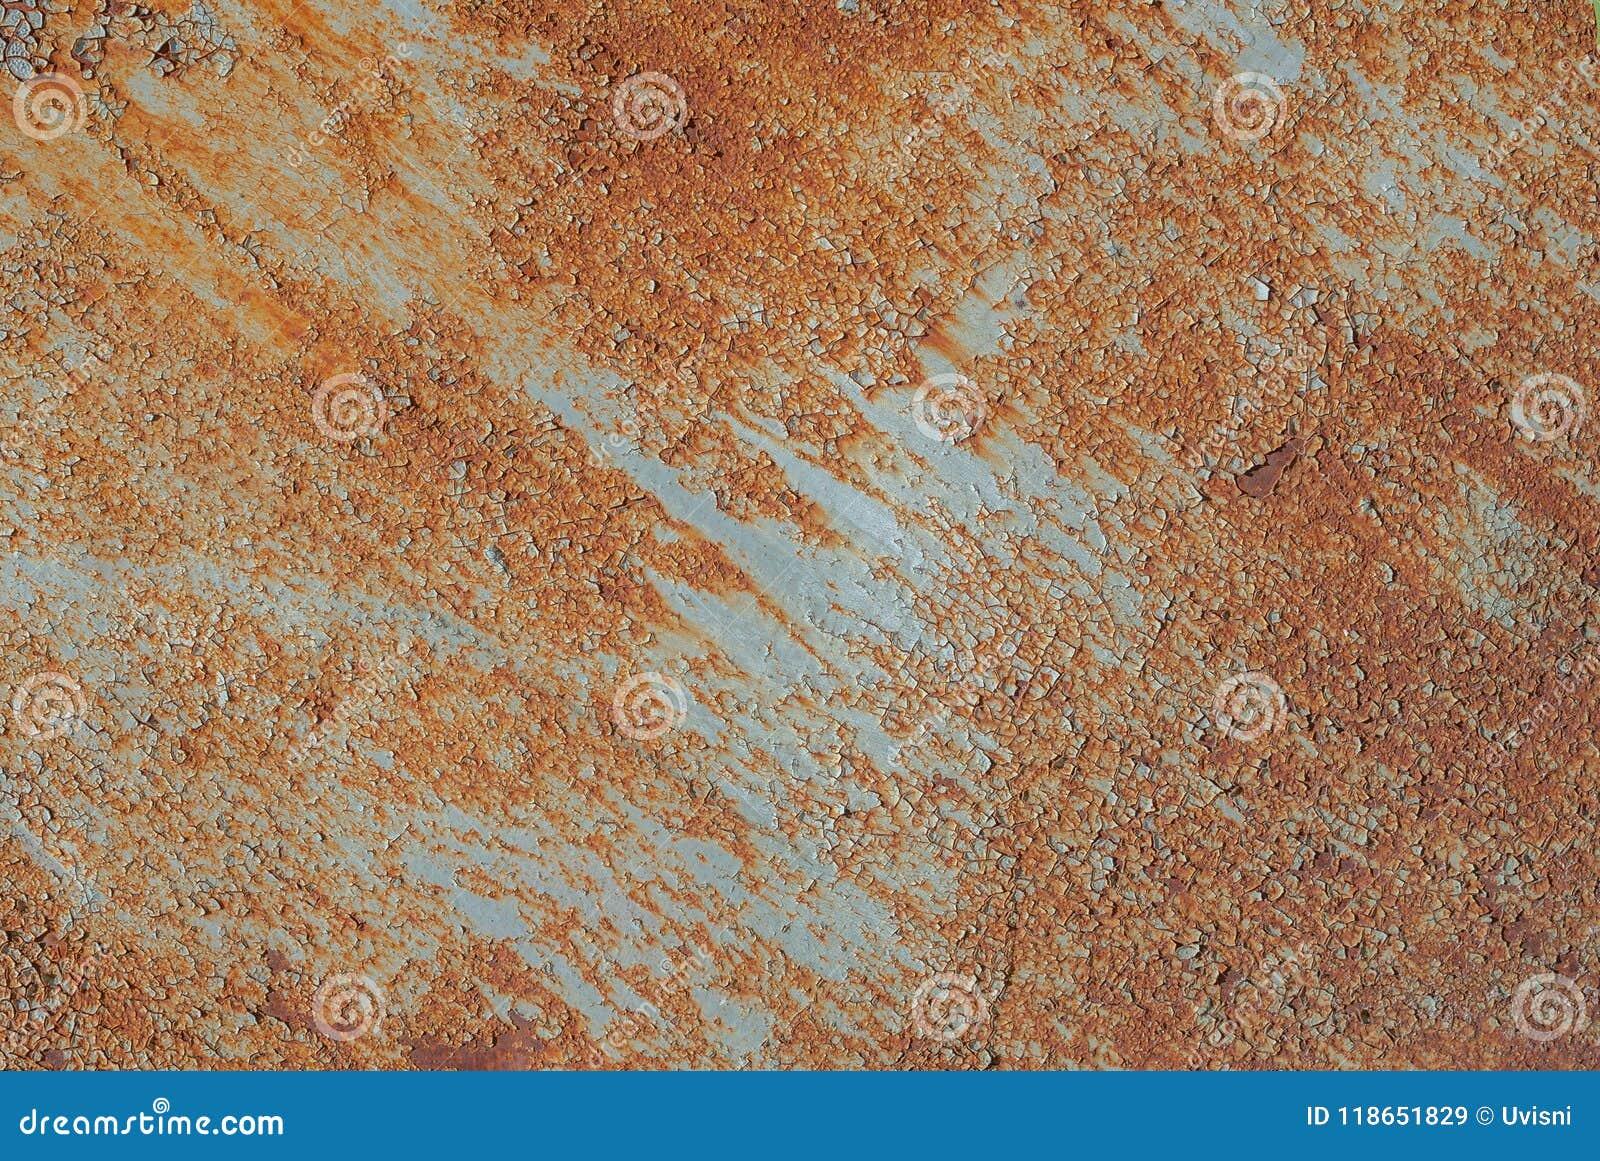 Surface De Fer Rouillé Avec Des Restes De Vieille Peinture Peinture